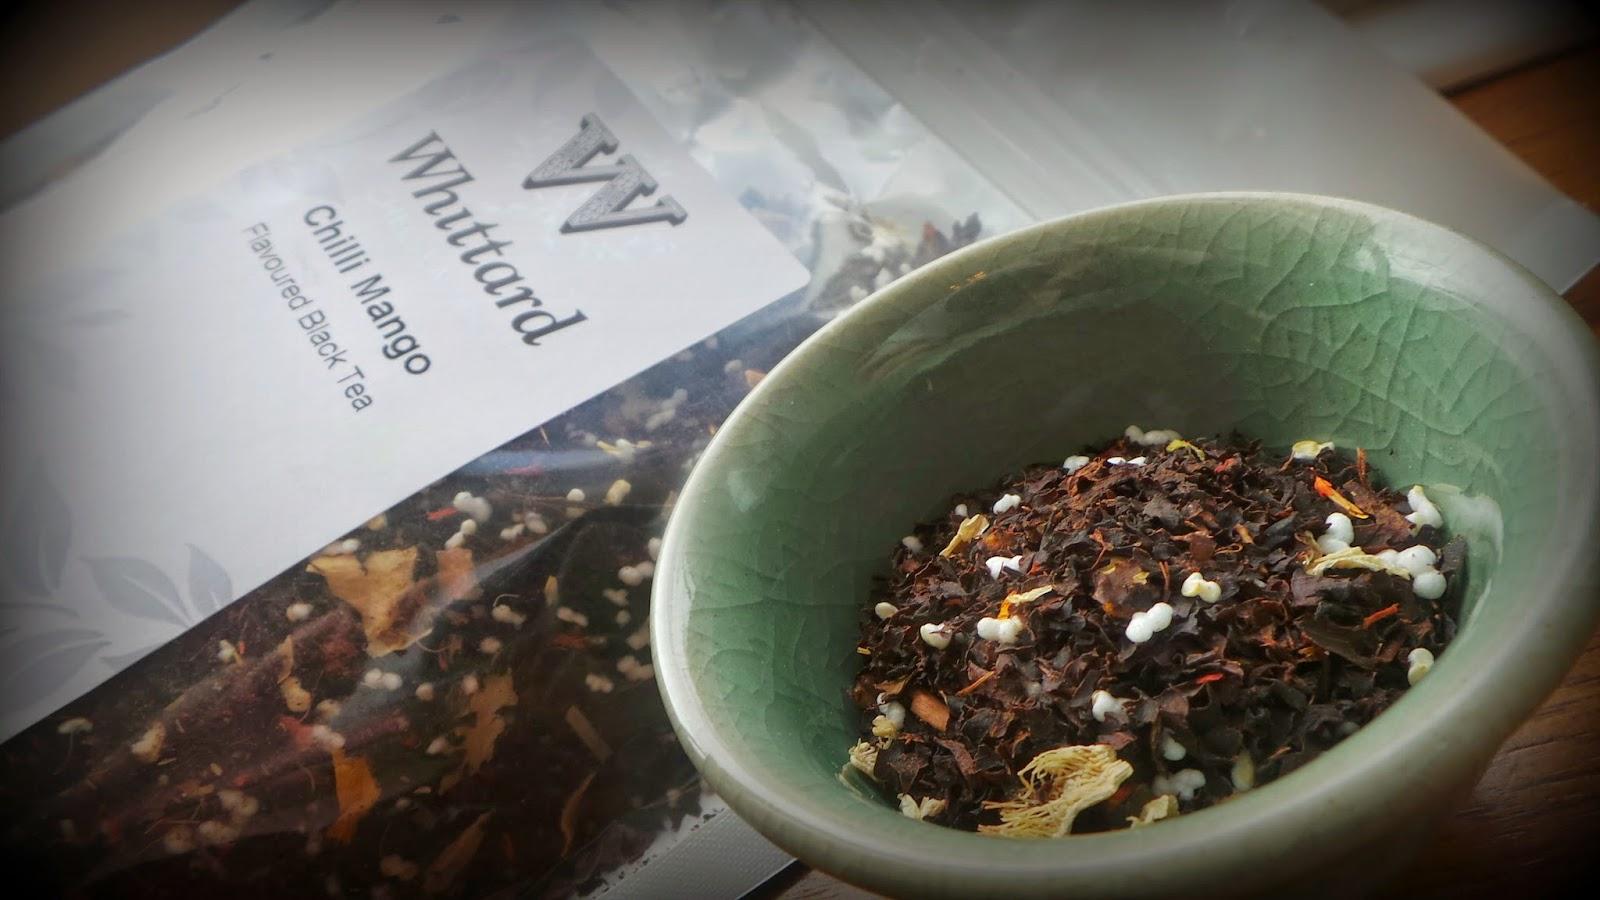 fruity spiced tea